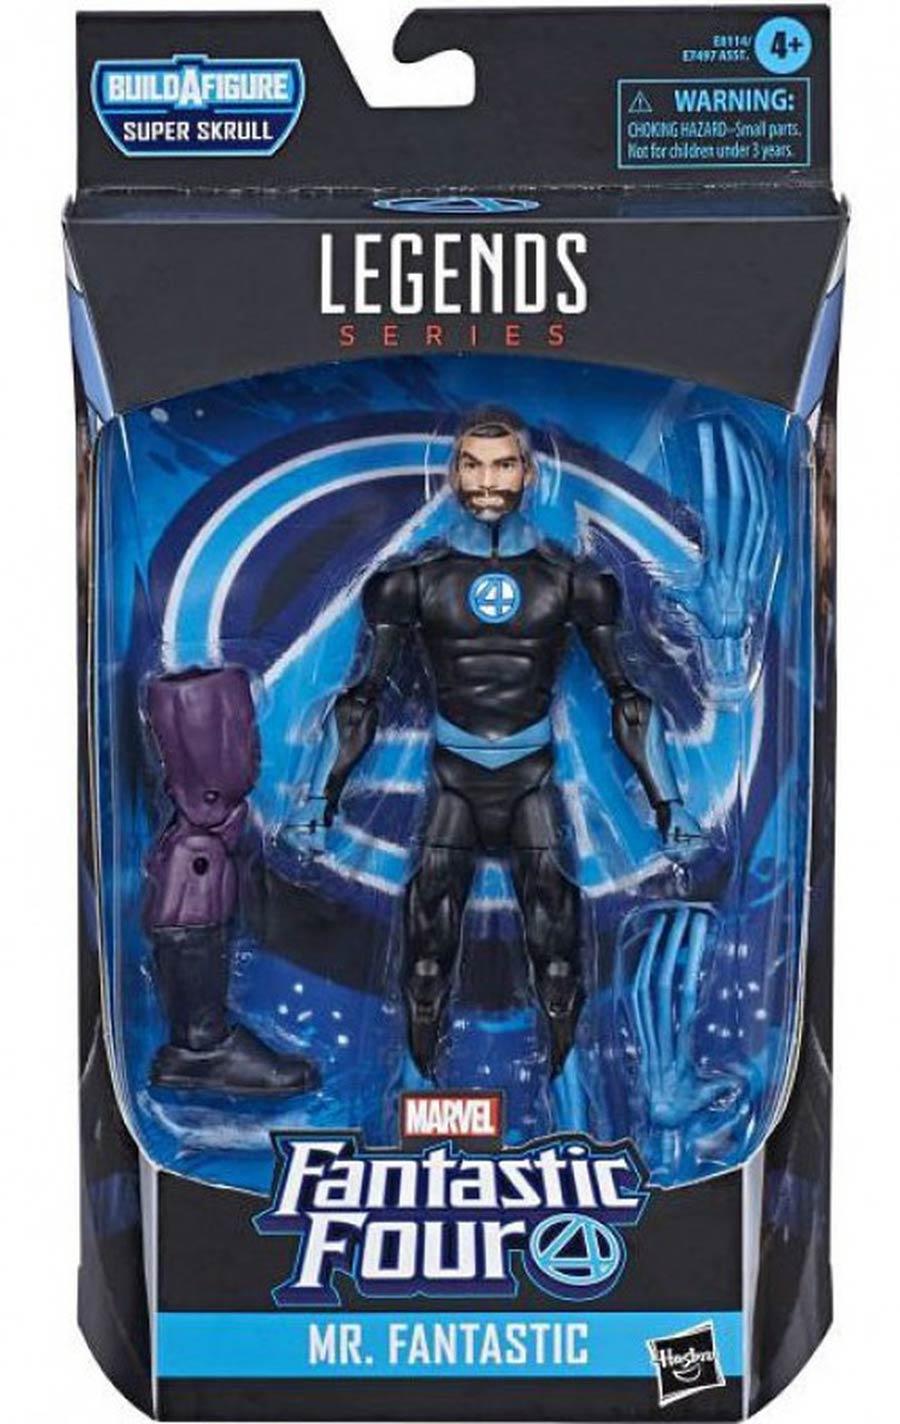 Marvel Fantastic Four Legends 2019 6-inch Action Figure - Mr. Fantastic